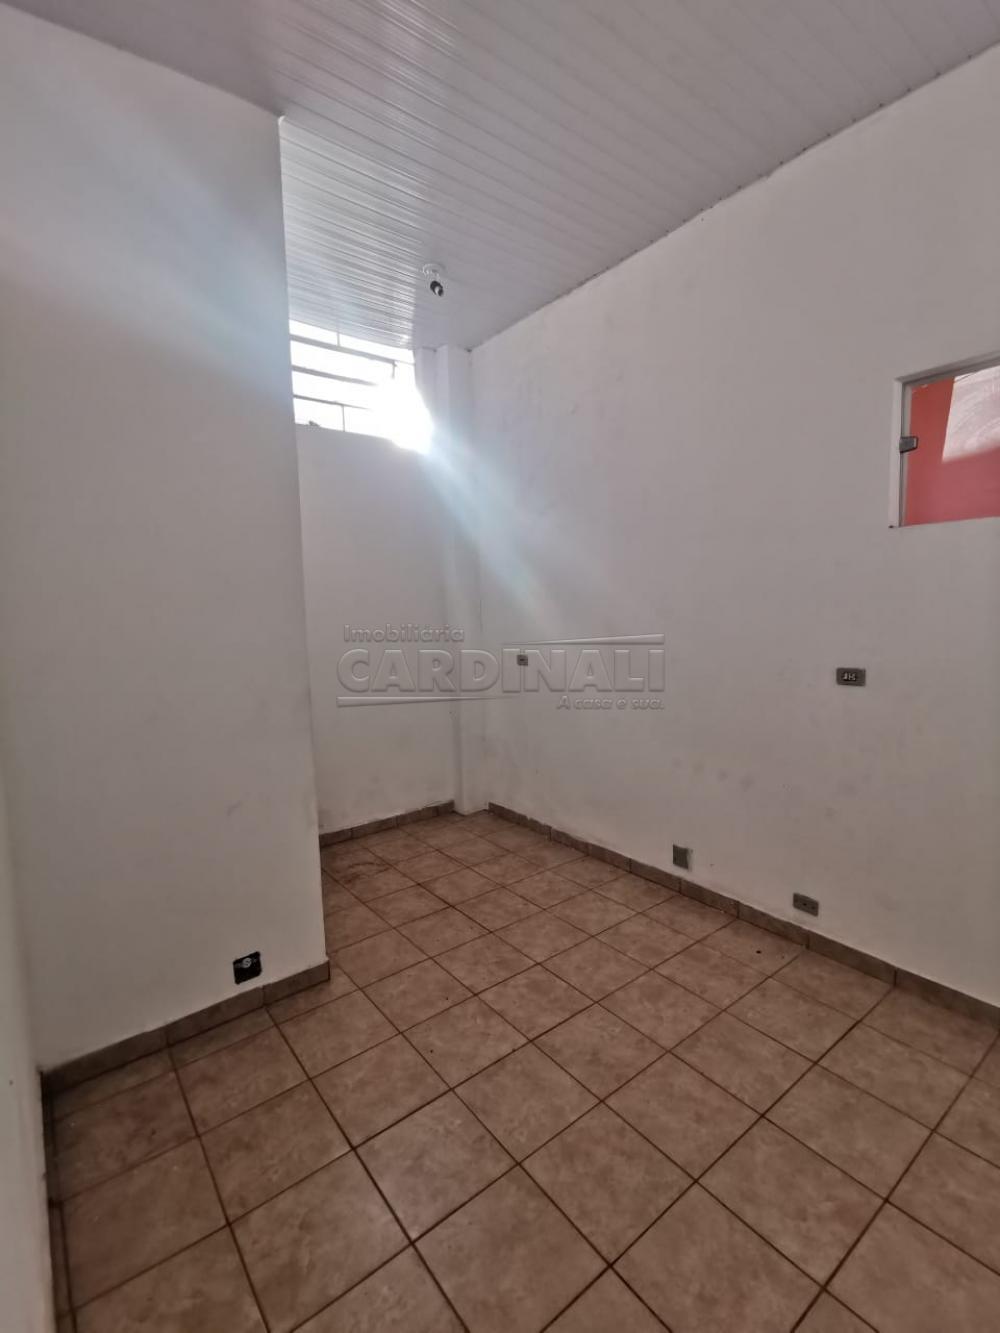 Alugar Comercial / Prédio em Araraquara R$ 600,00 - Foto 4